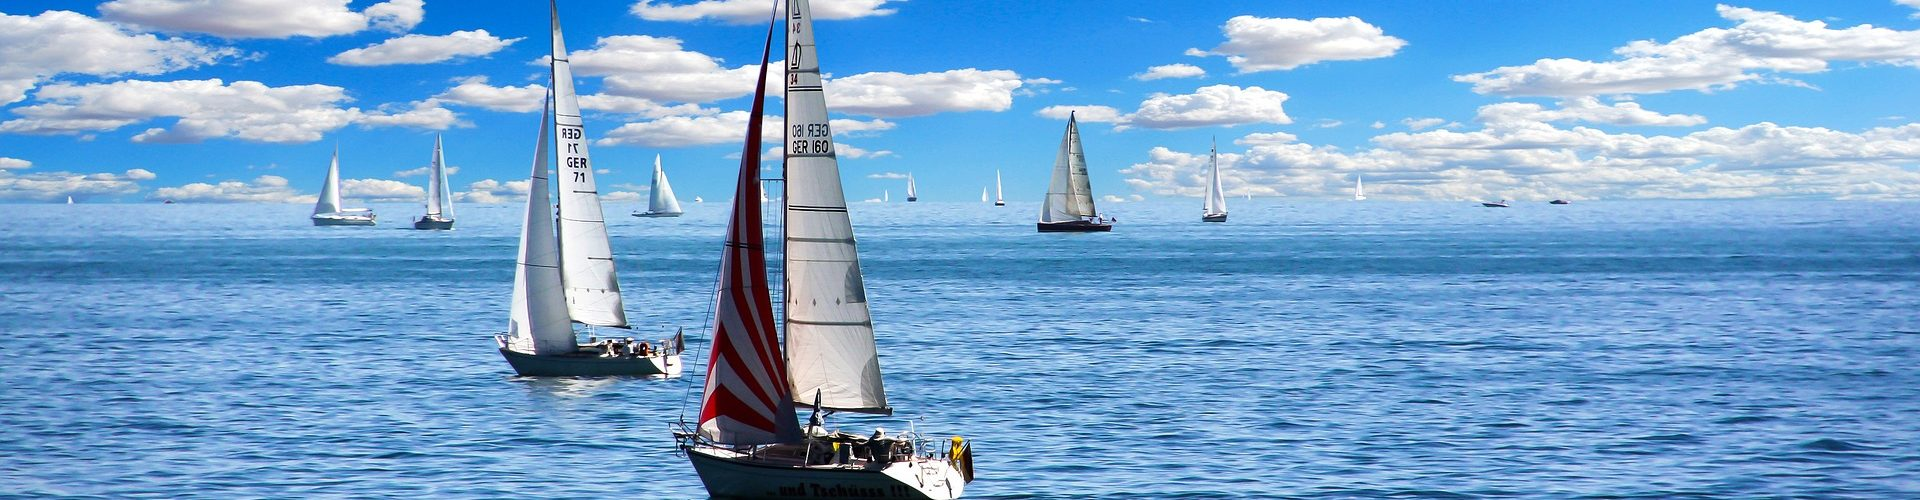 segeln lernen in List segelschein machen in List 1920x500 - Segeln lernen in List